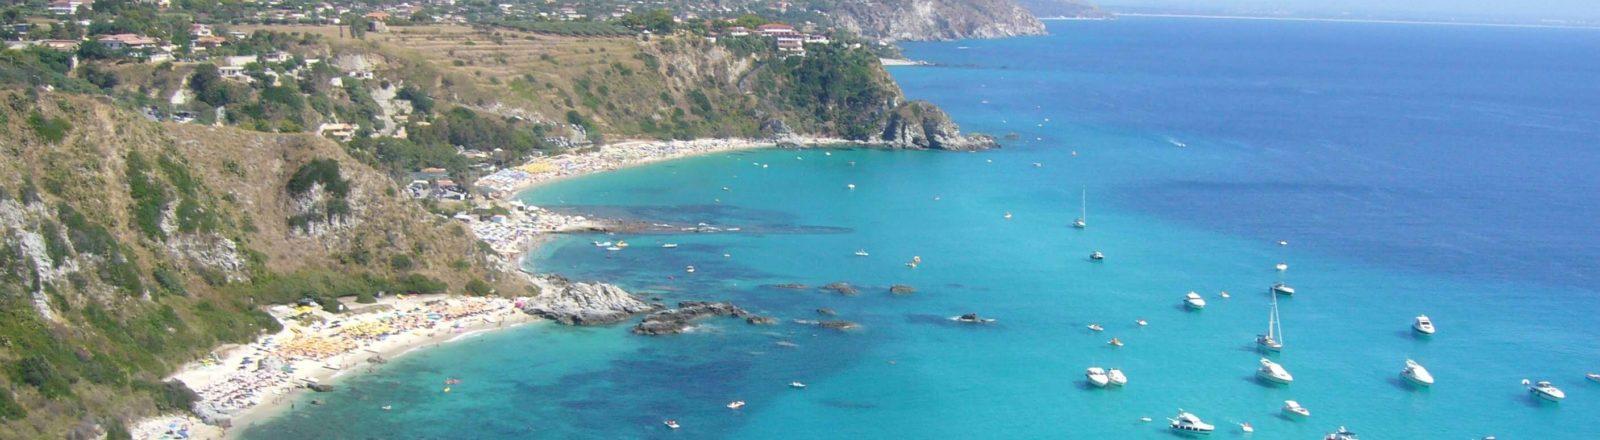 Soggiorno mare Calabria SeaClub Calalandrusa Beach & Nature